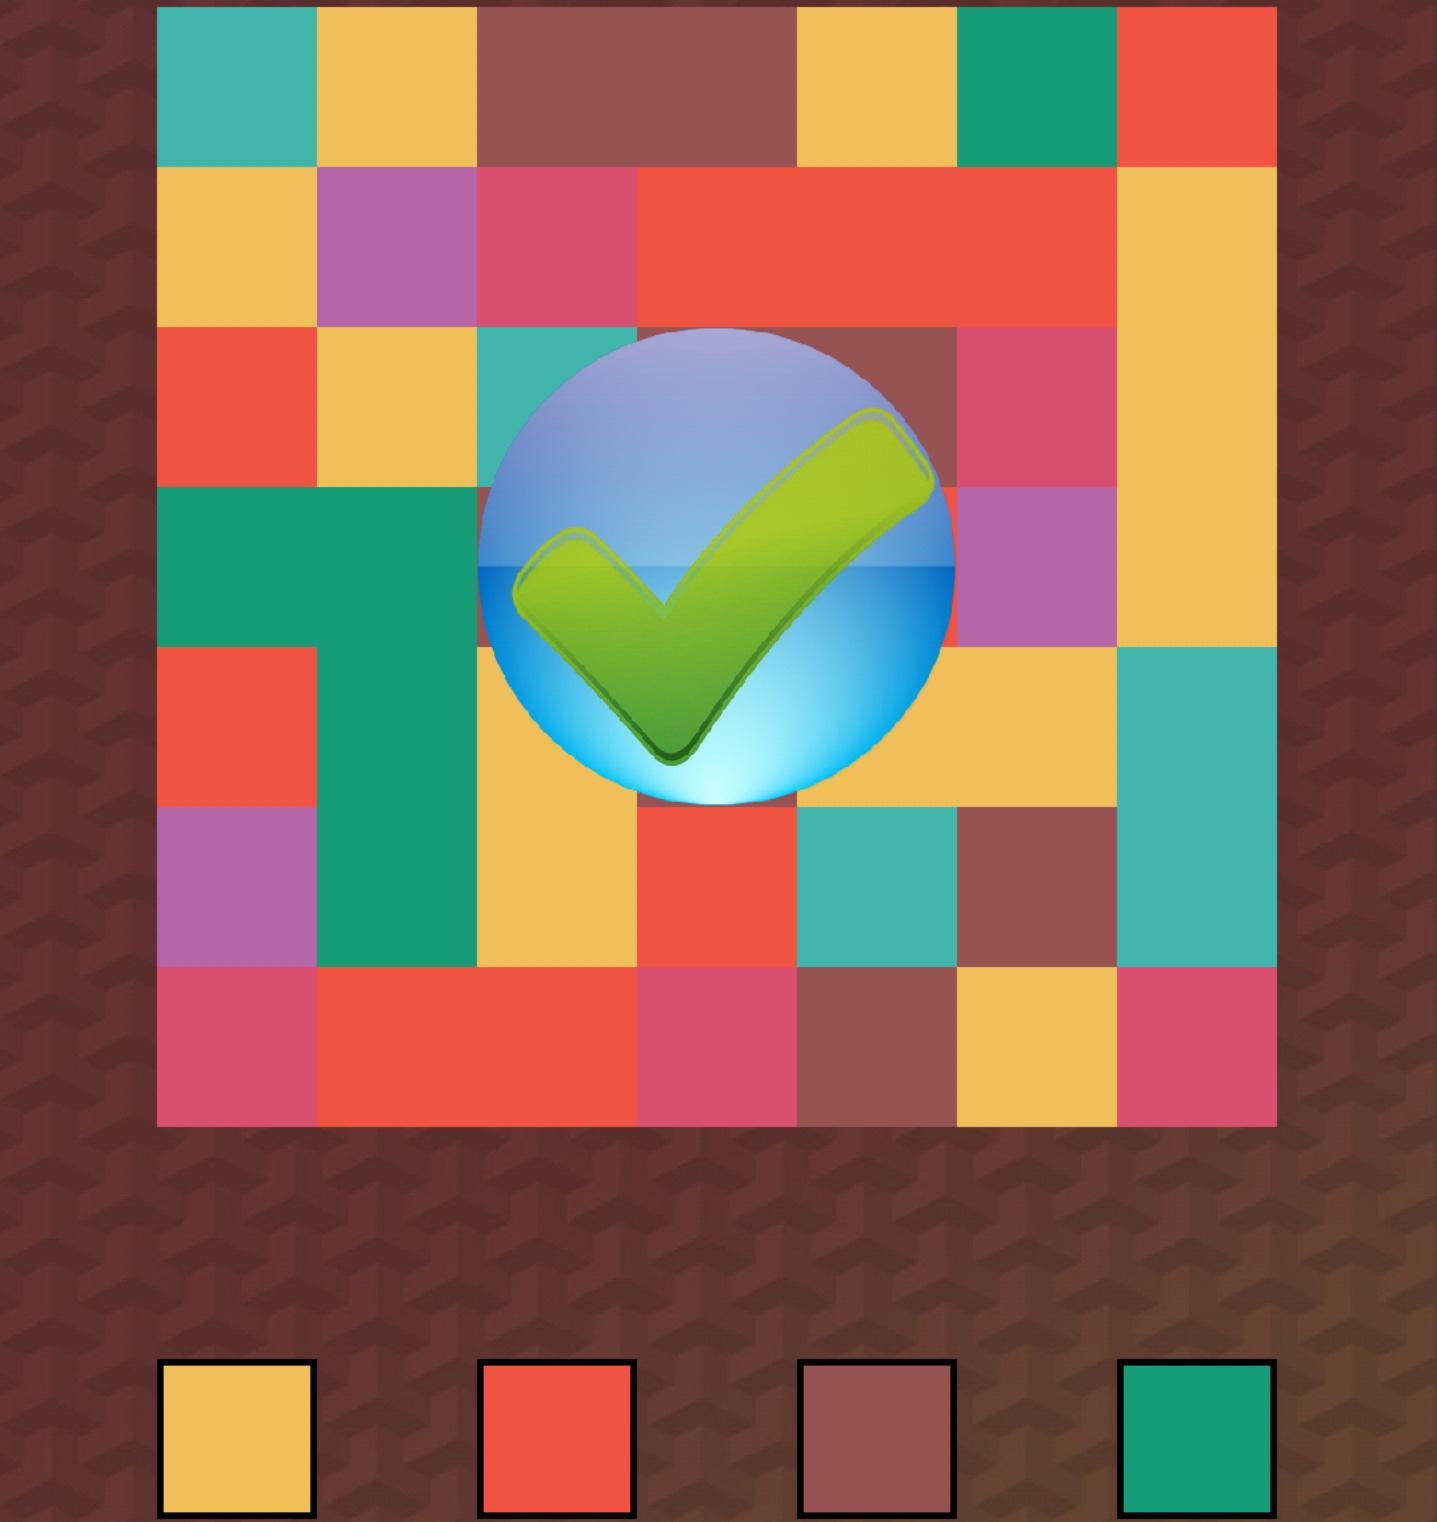 Find Color